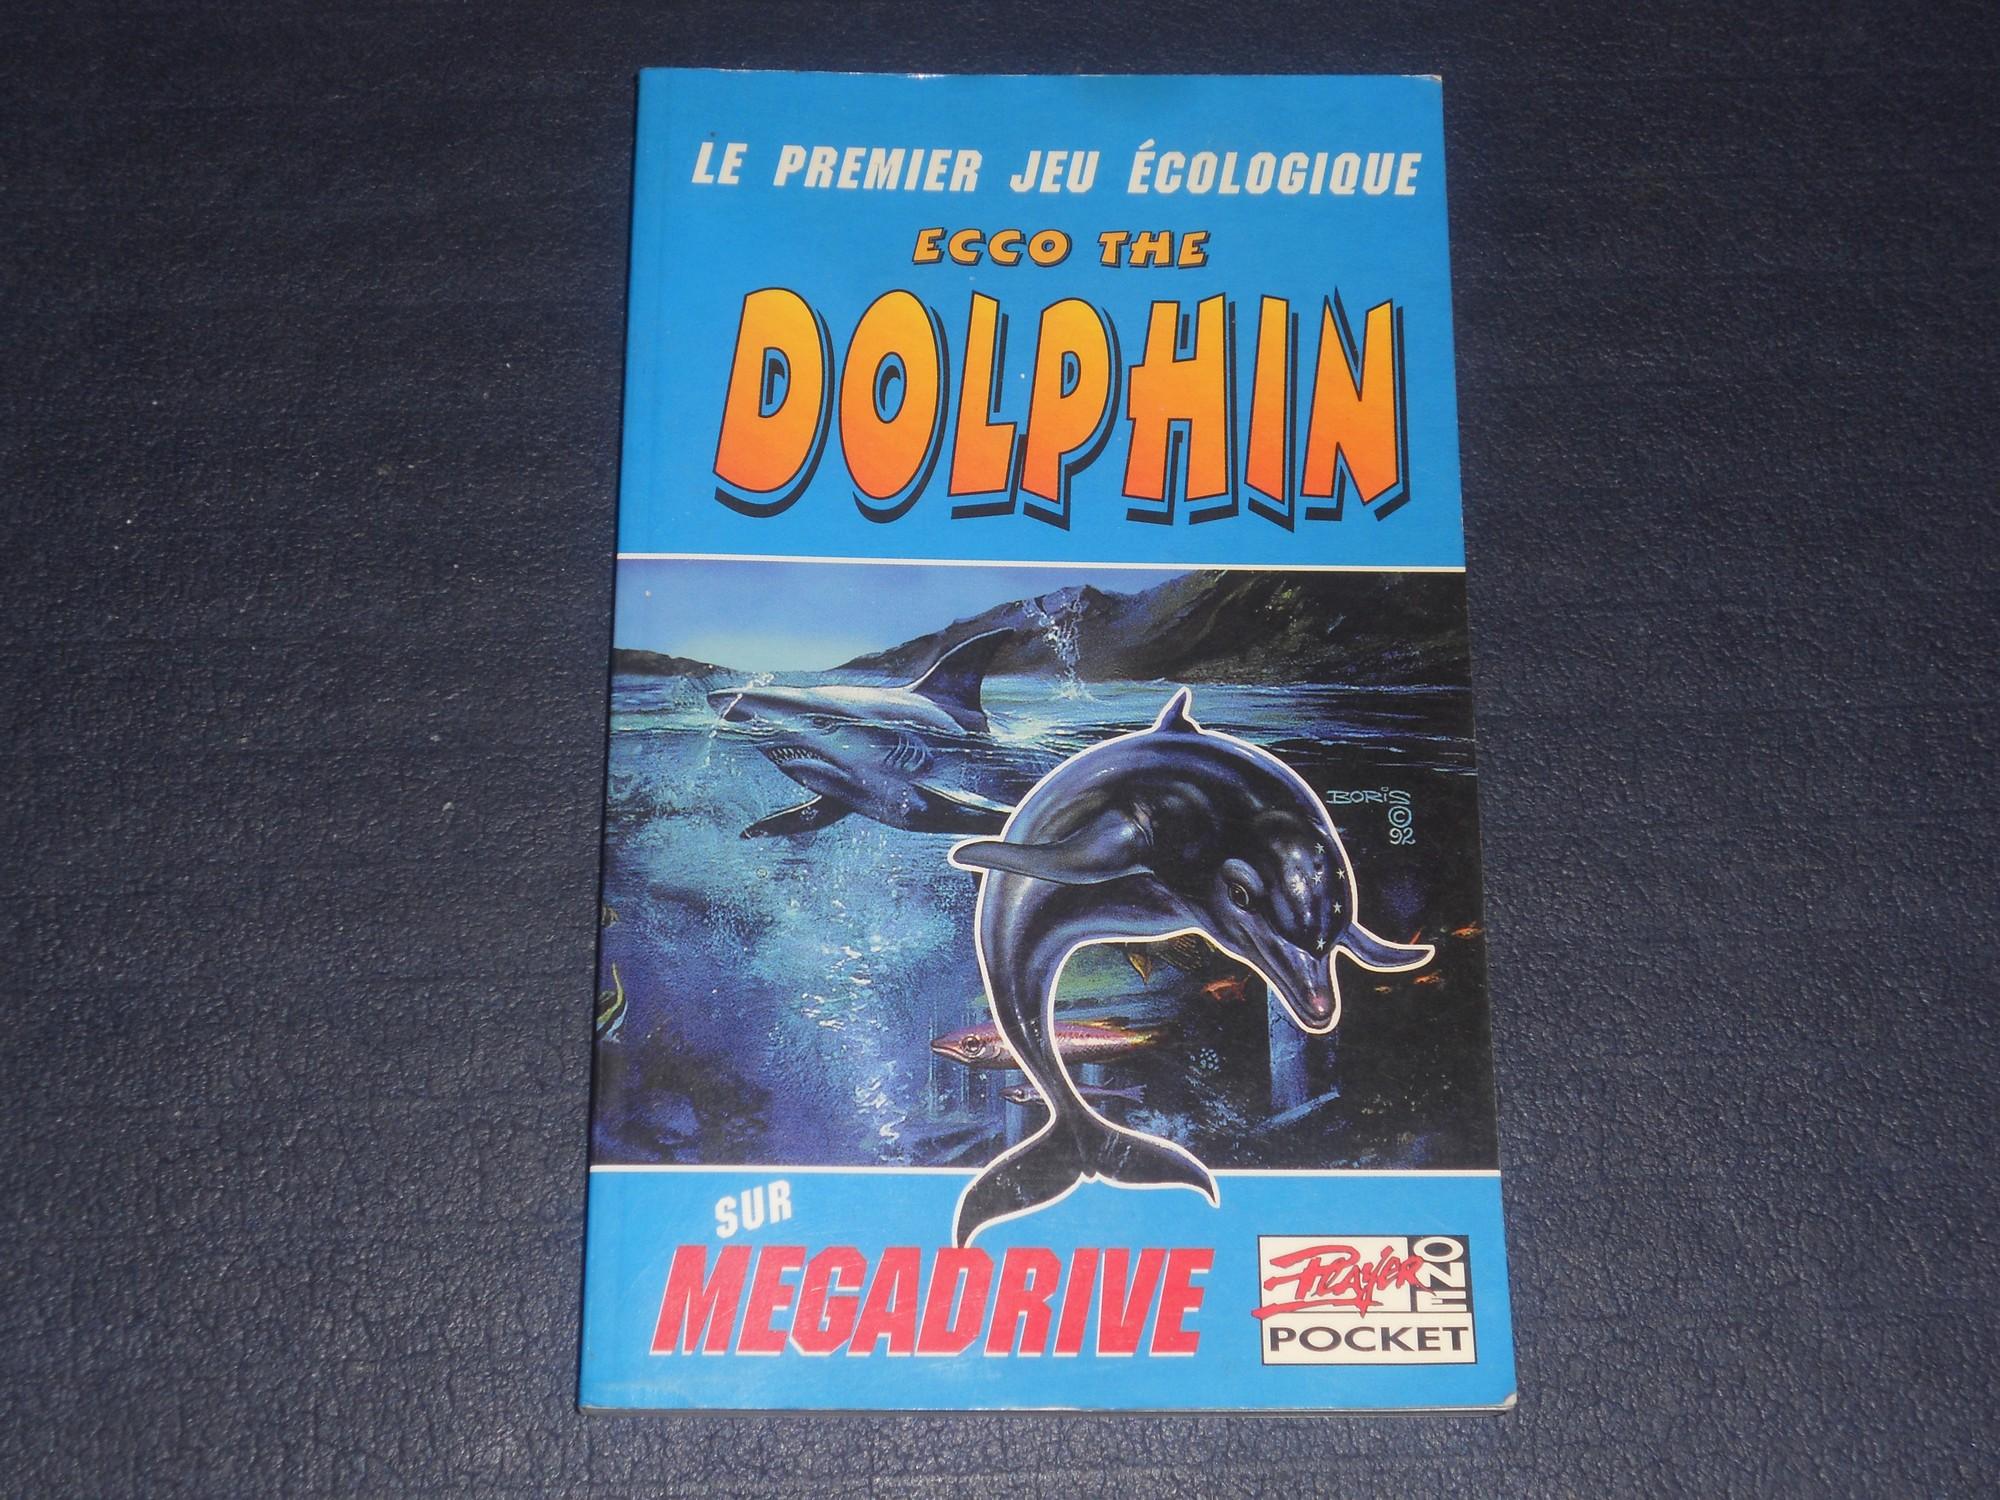 Guide Book, Mook, Mag, Livre NsSLRl